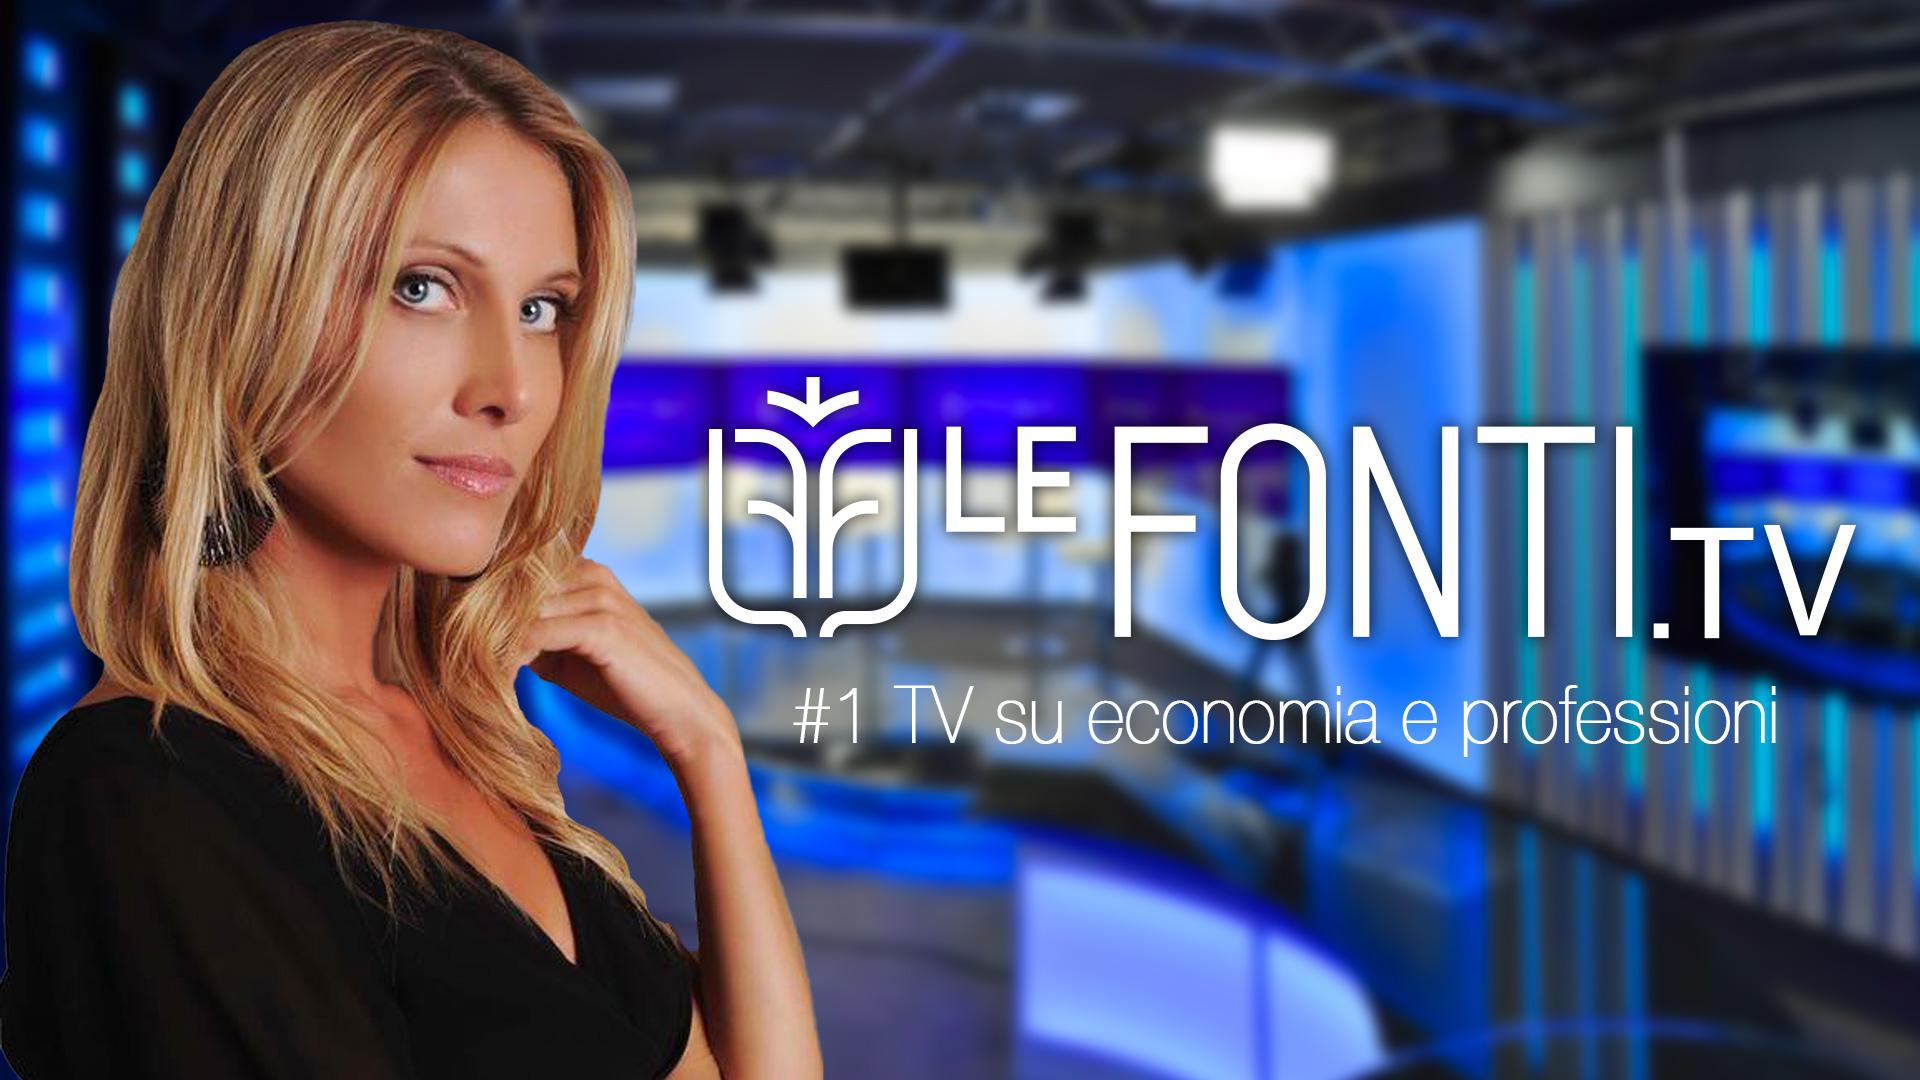 La rivoluzione - Le Fonti Tv